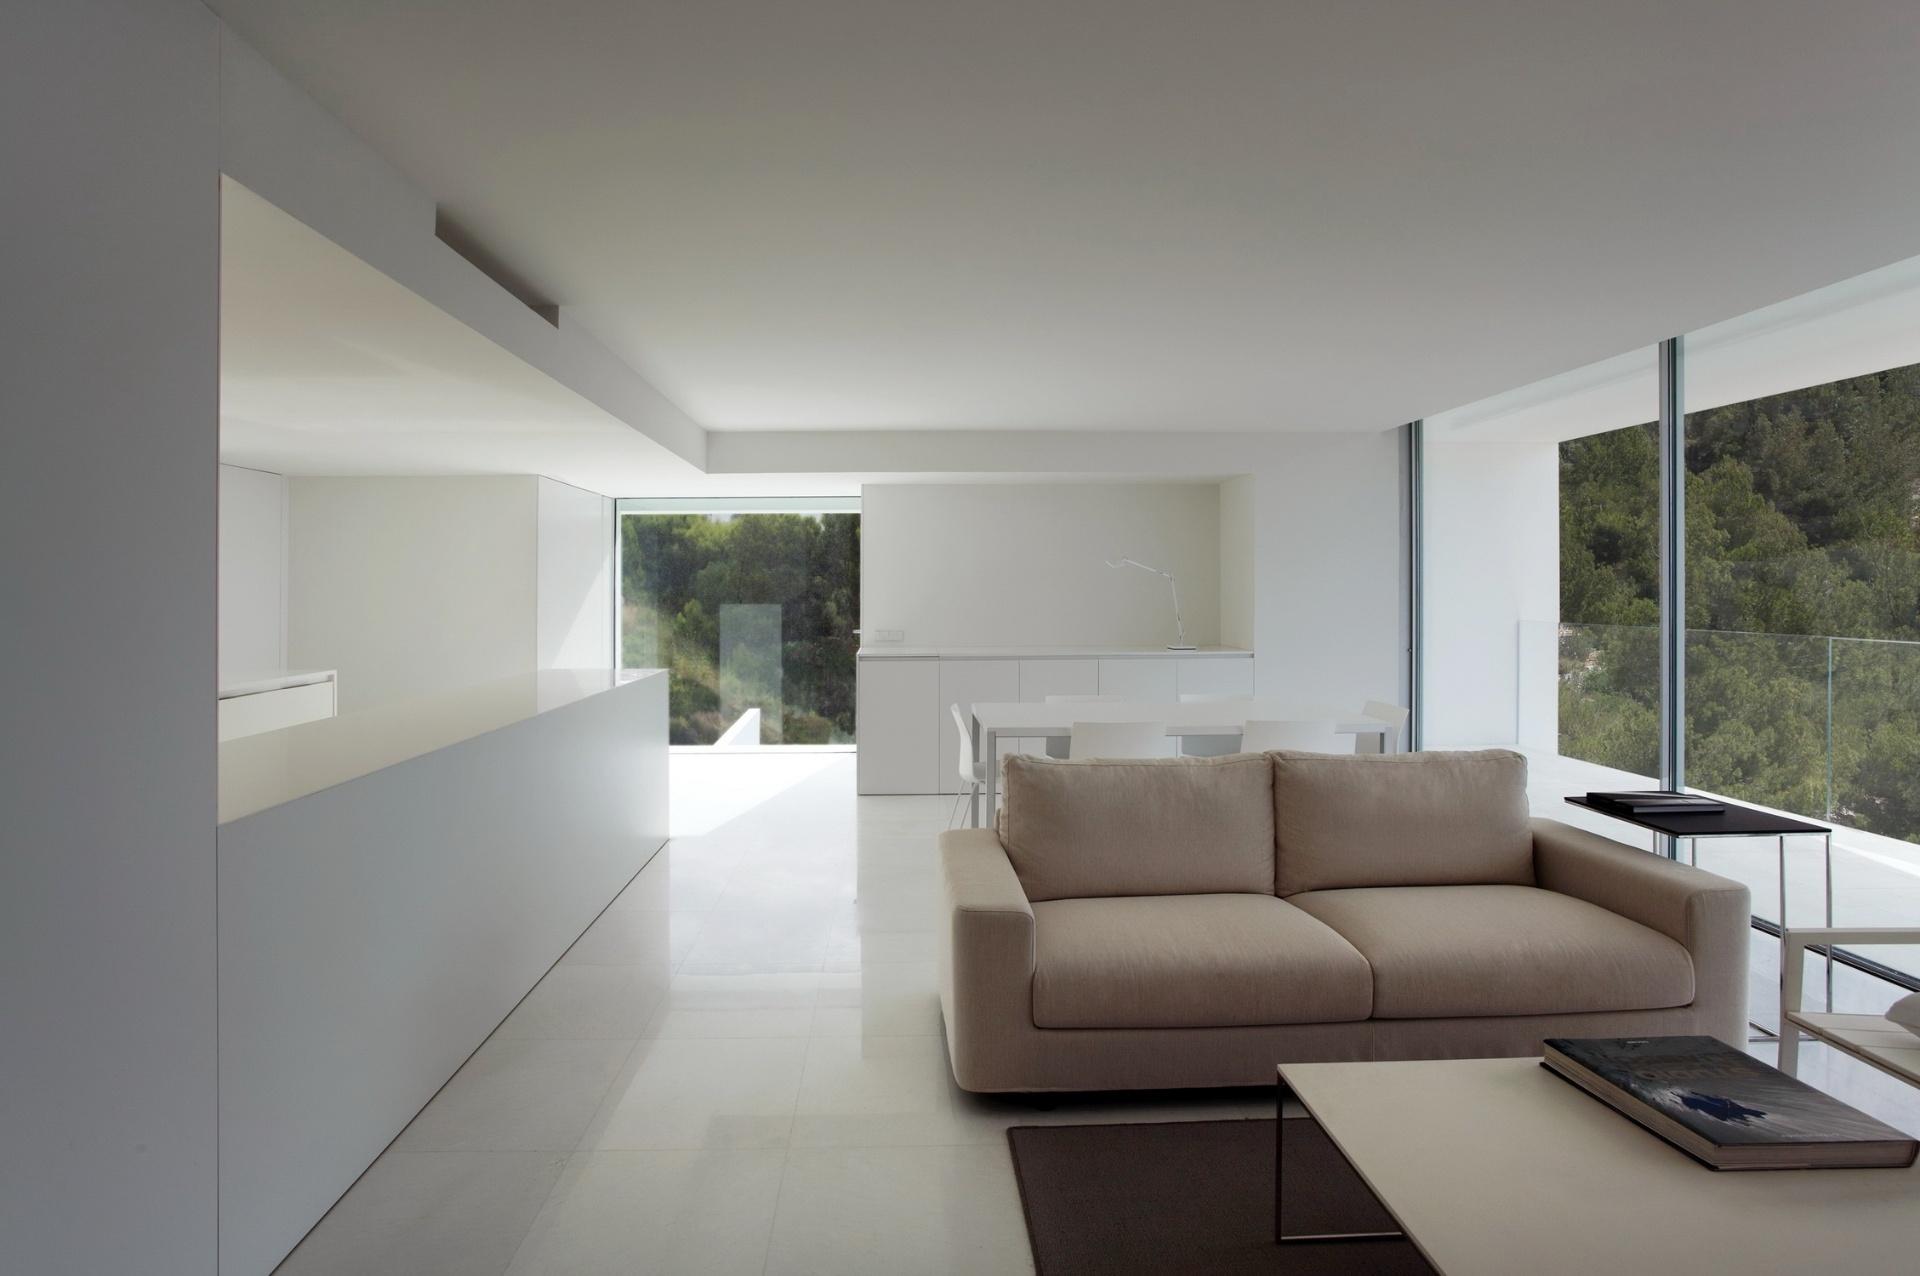 A Casa no Penhasco mede 240 m² e seu salão social fica integrado à cozinha e à varanda com vista para o mar Mediterrâneo. Esta última (à dir.) se separa do ambiente interno por folhas de vidro corrediças. Ao fundo, a mesa de jantar Neta e as cadeiras Trazo são da Dynamobel e o sofá Definy é da marca Grassoler. A Casa do Penhasco, na Espanha, tem interiores desenvolvidos pelo designer Alfaro Hofmann e arquitetura assinada pelo escritório Fran Silvestre Arquitectos